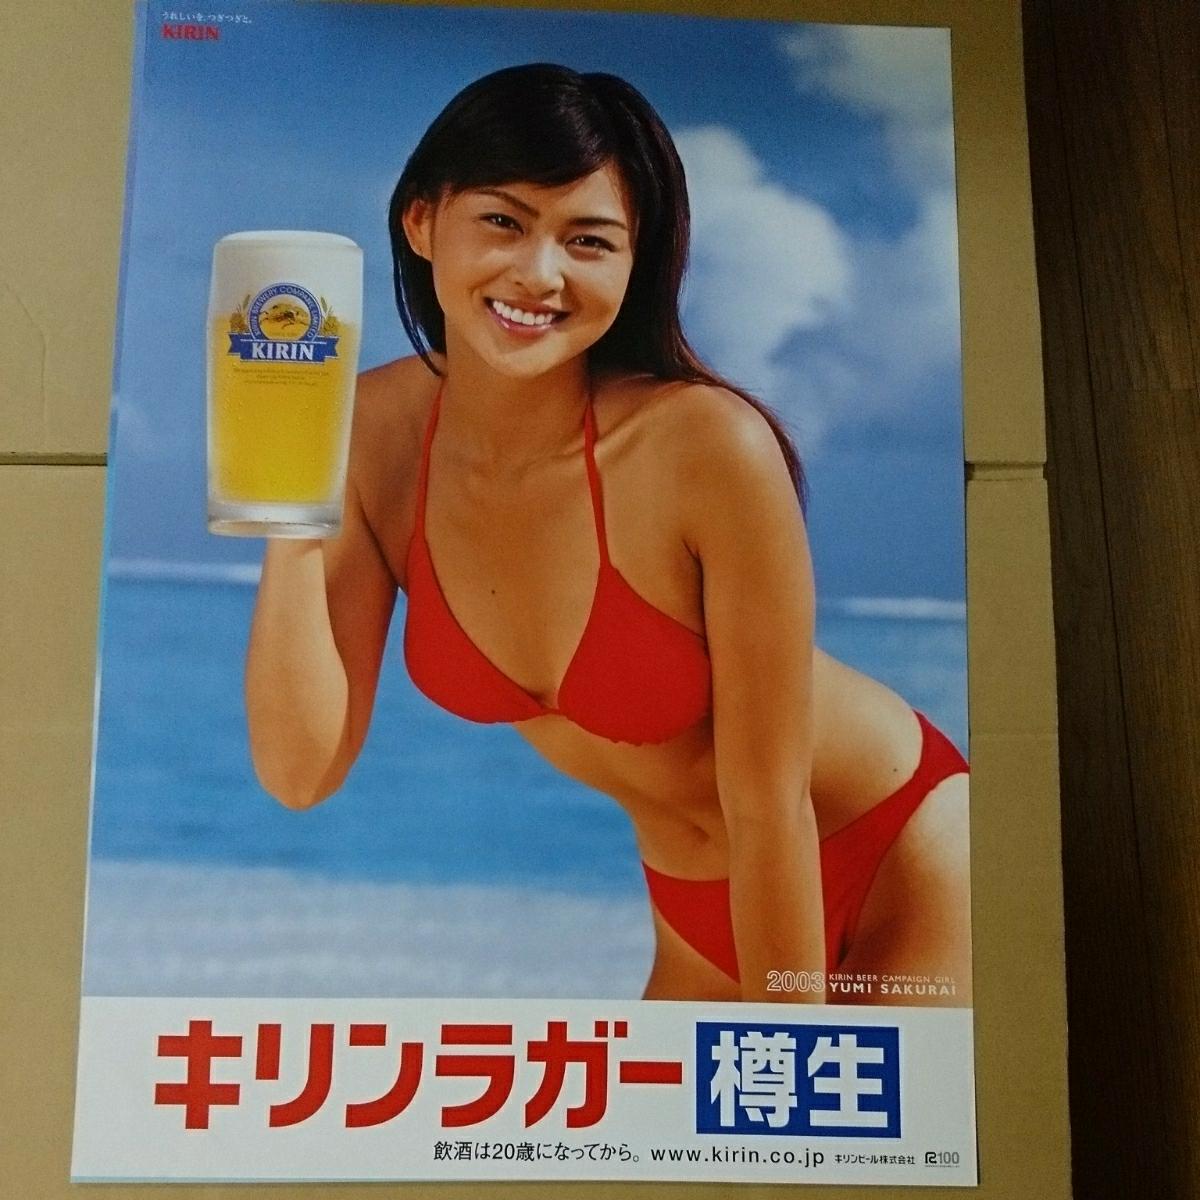 キリン ビール 桜井裕美 ポスター サイズ:B2(4枚)_画像3